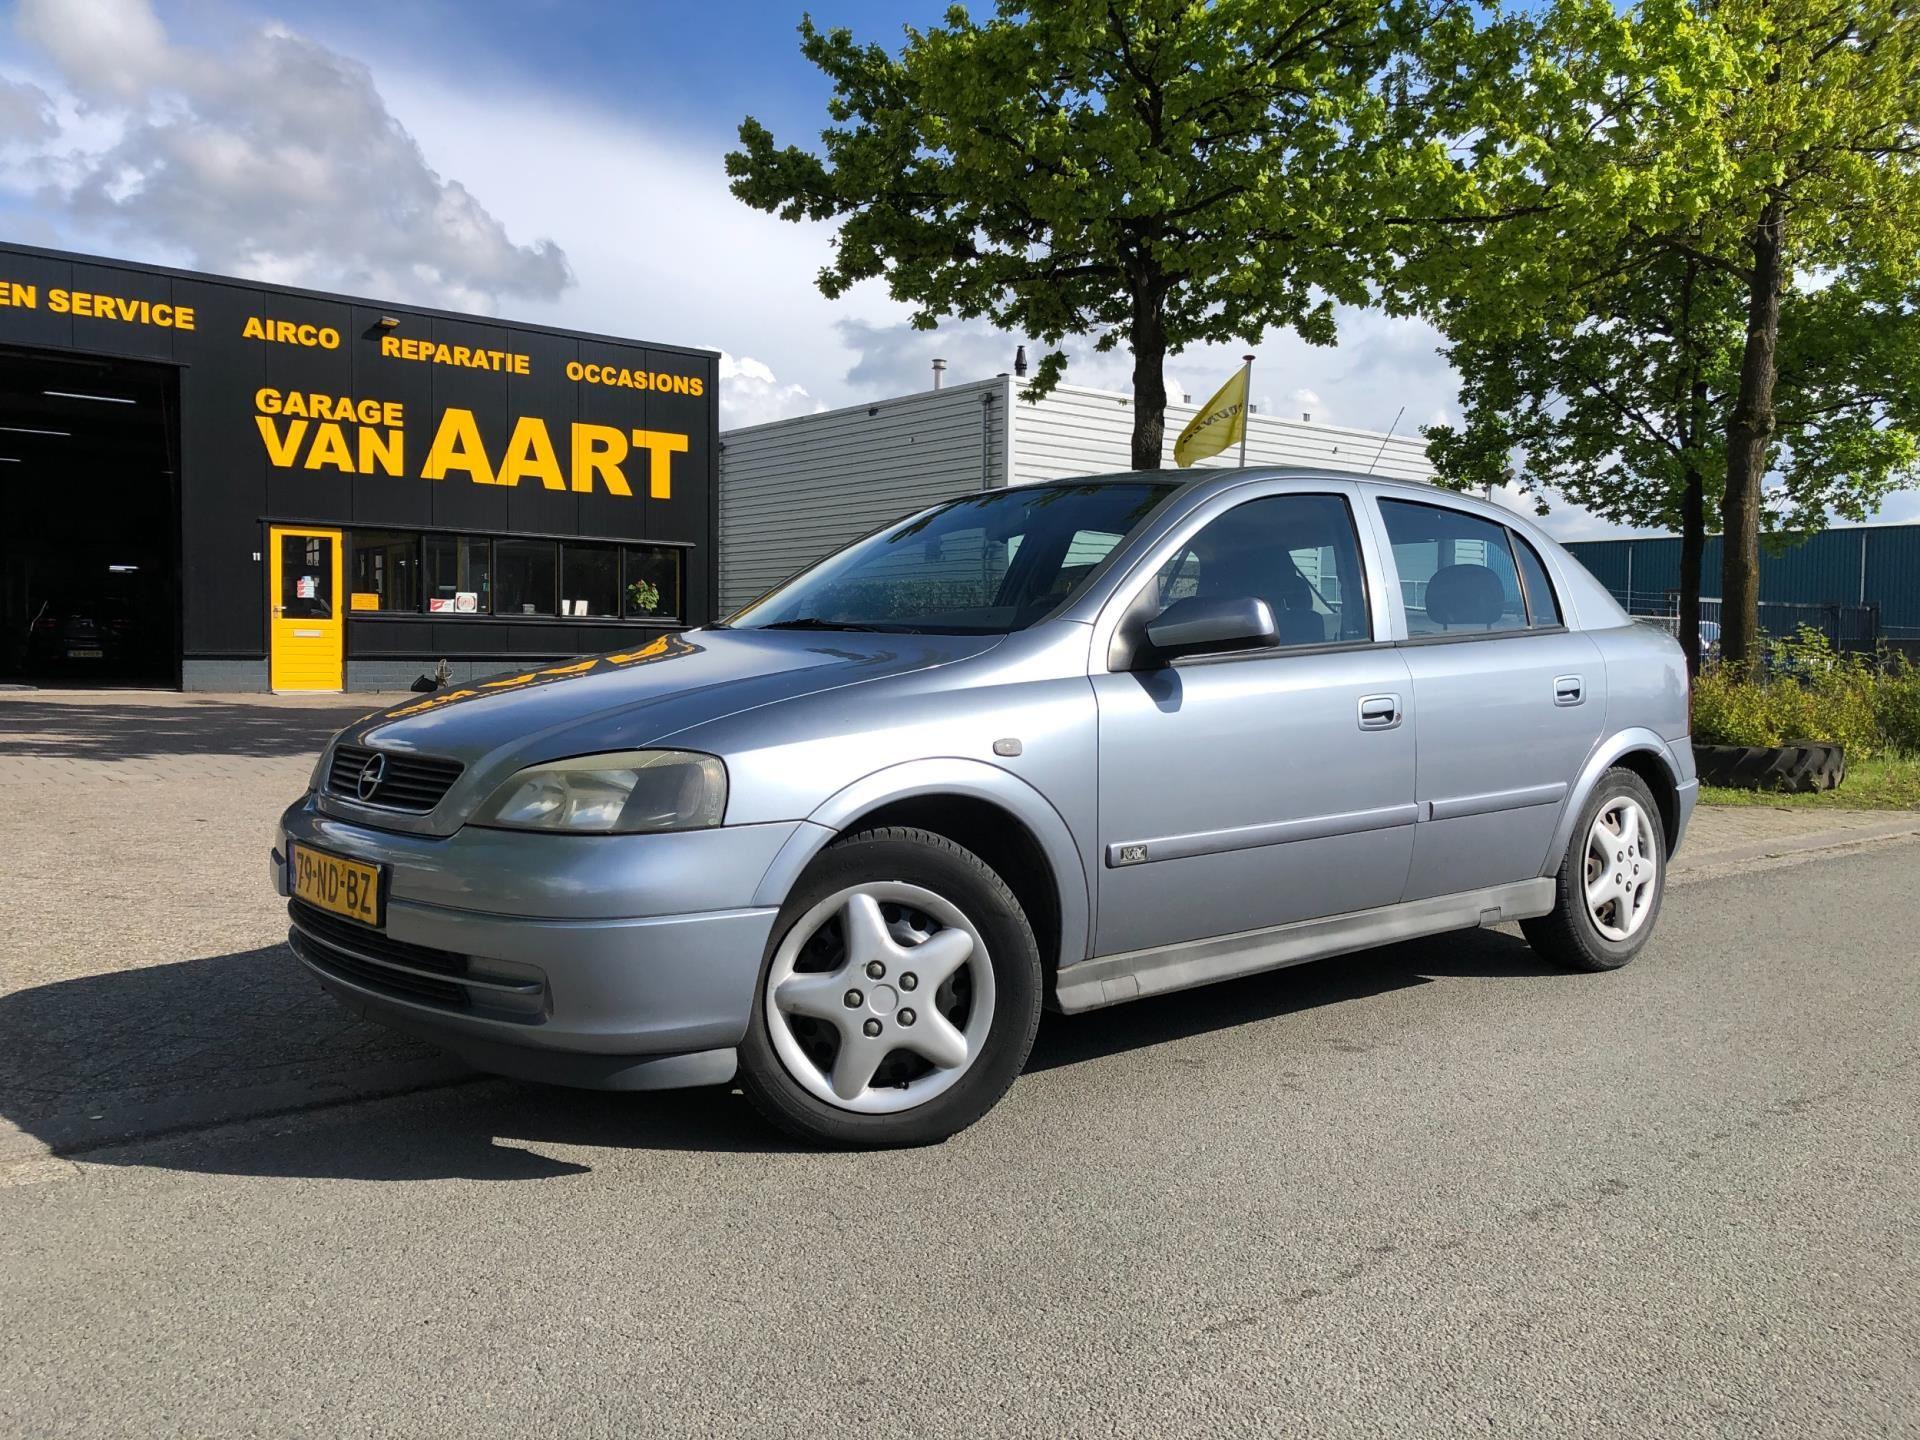 Opel Astra occasion - Garage van Aart